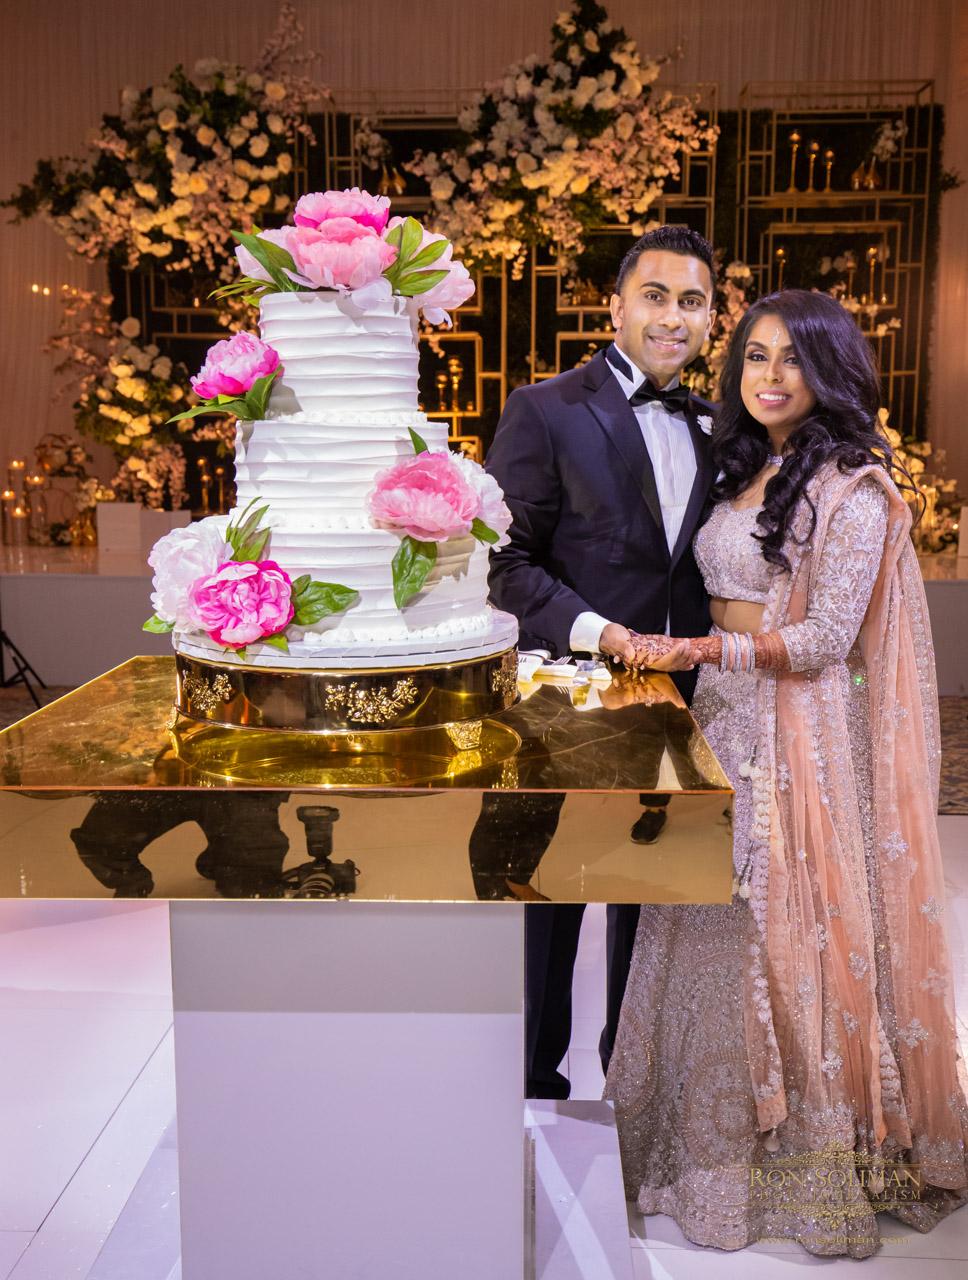 LEGACY CASTLE WEDDING 27